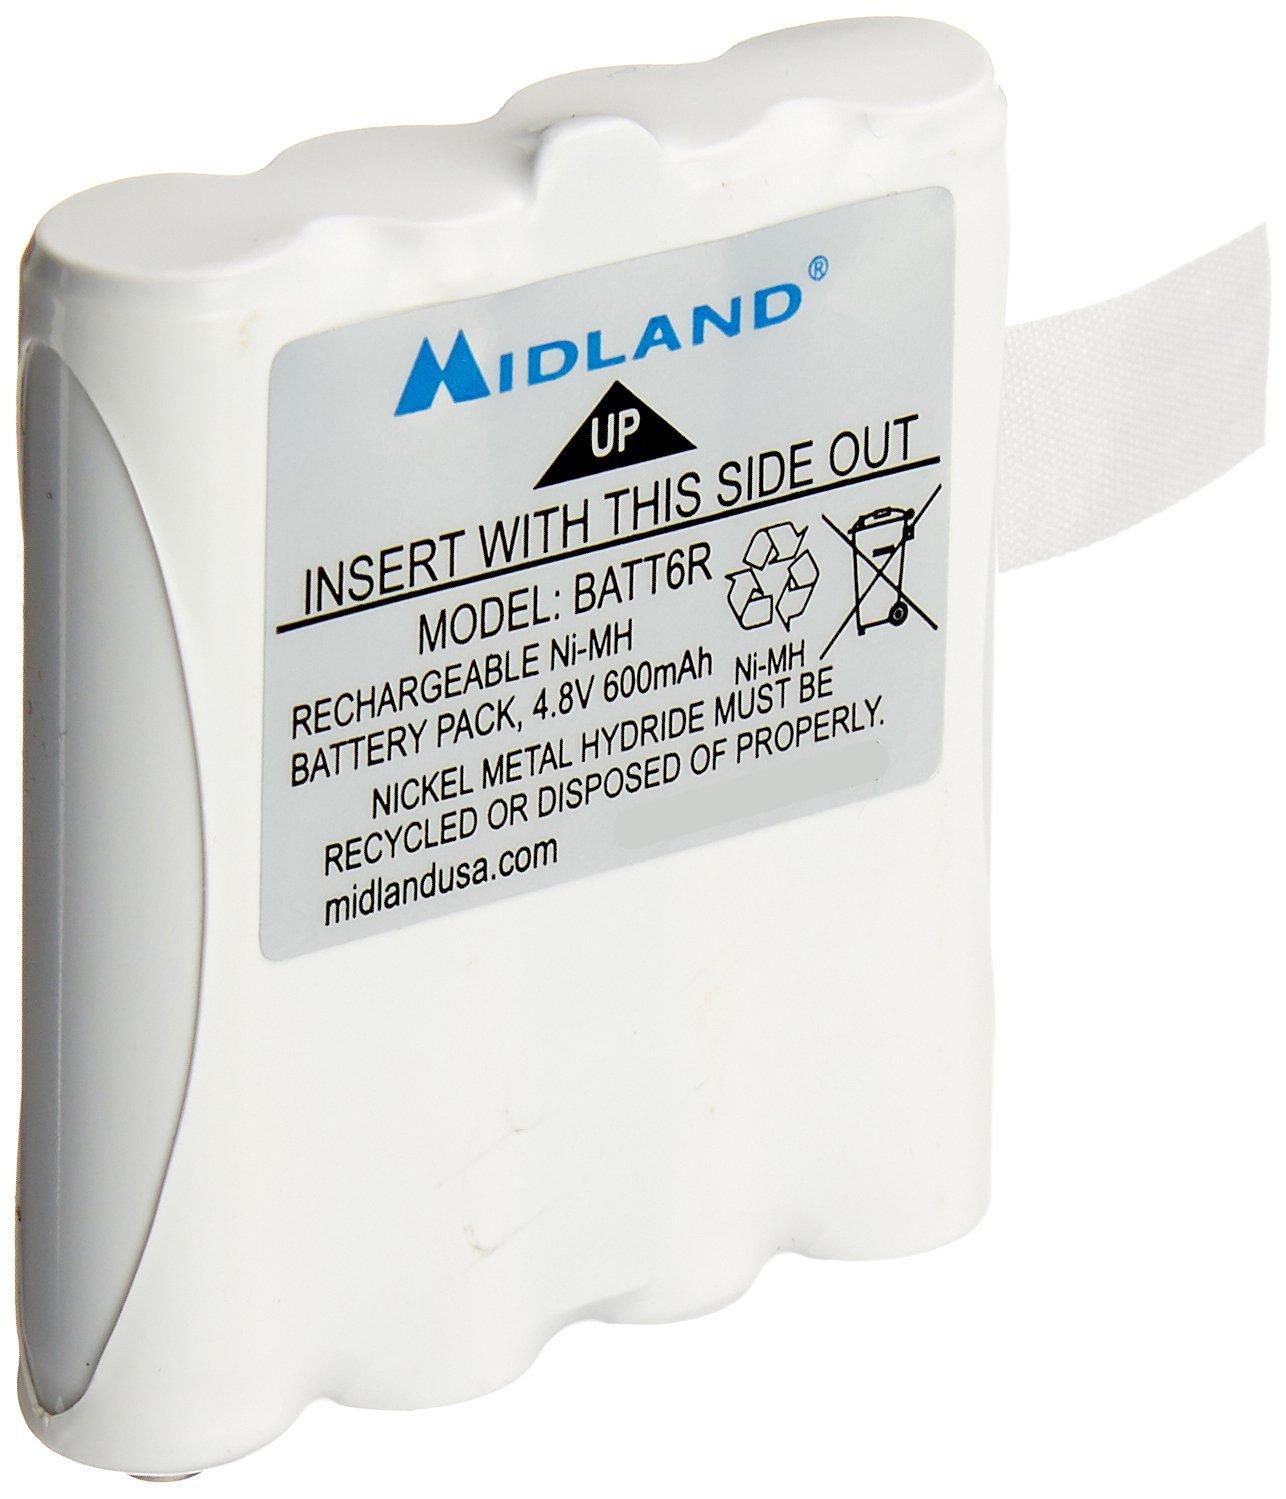 Nickel Metal Hydride Battery >> Amazon Com Midland Avp8 Nickel Metal Hydride Battery Packs For Lxt